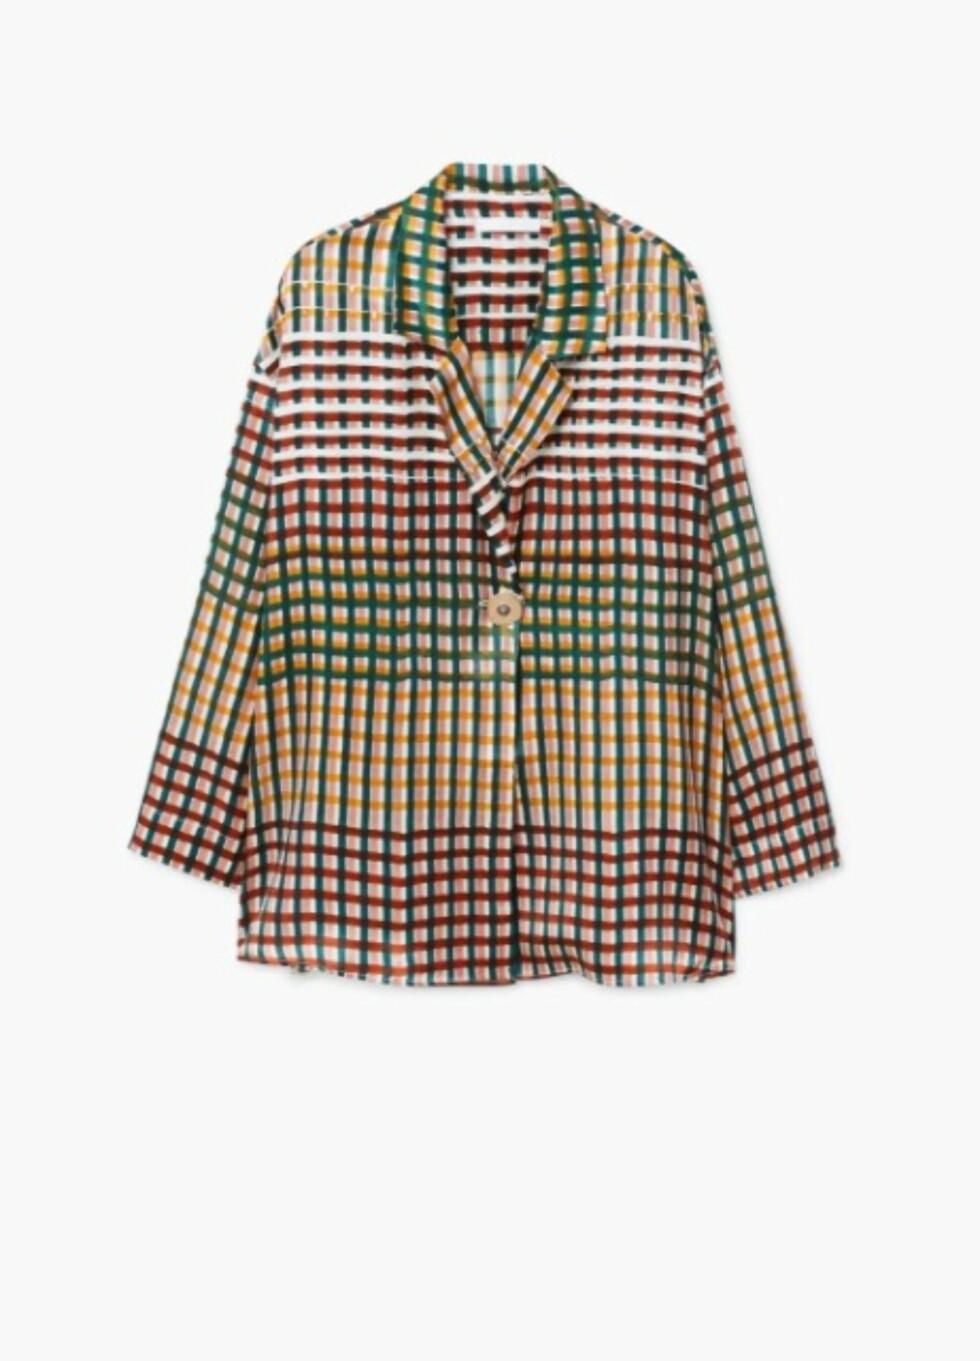 Skjorte fra Mango |1399,-| https://shop.mango.com/no/damer/skjorter-bluser/dobbelspent-silkebluse_11019052.html?c=49&ts=1510138252569